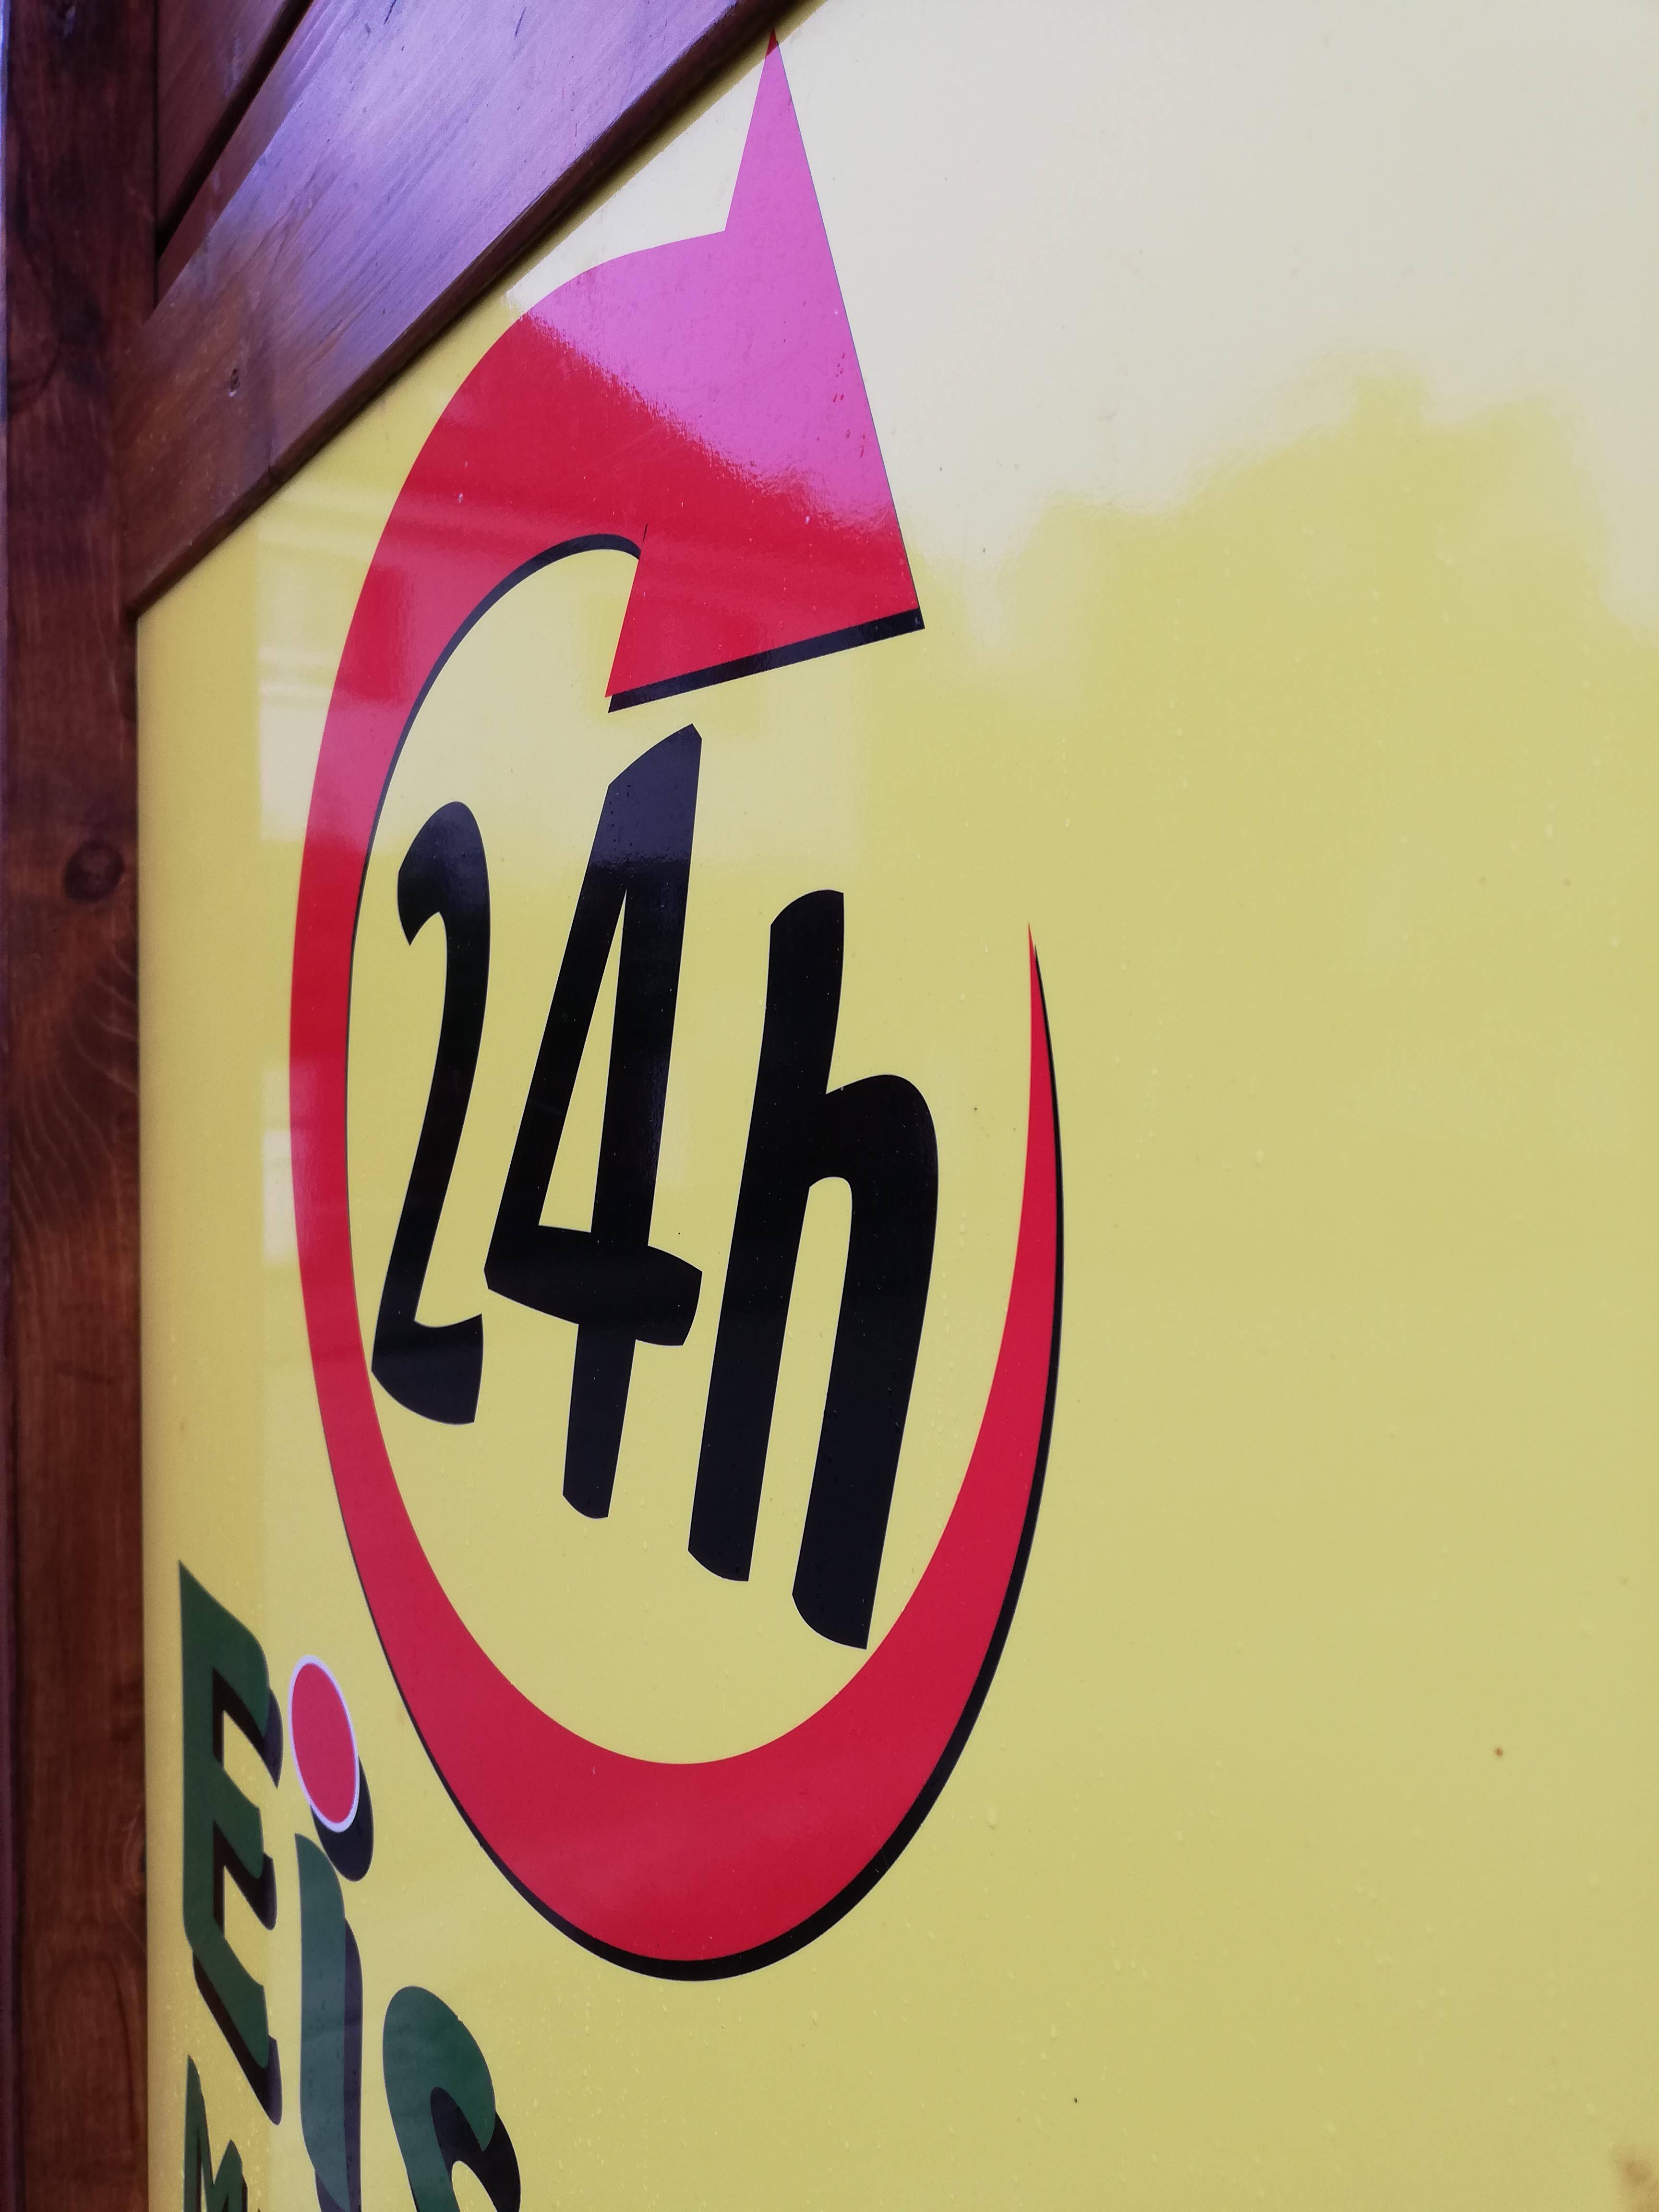 24h Eisautomat - Arnsberg